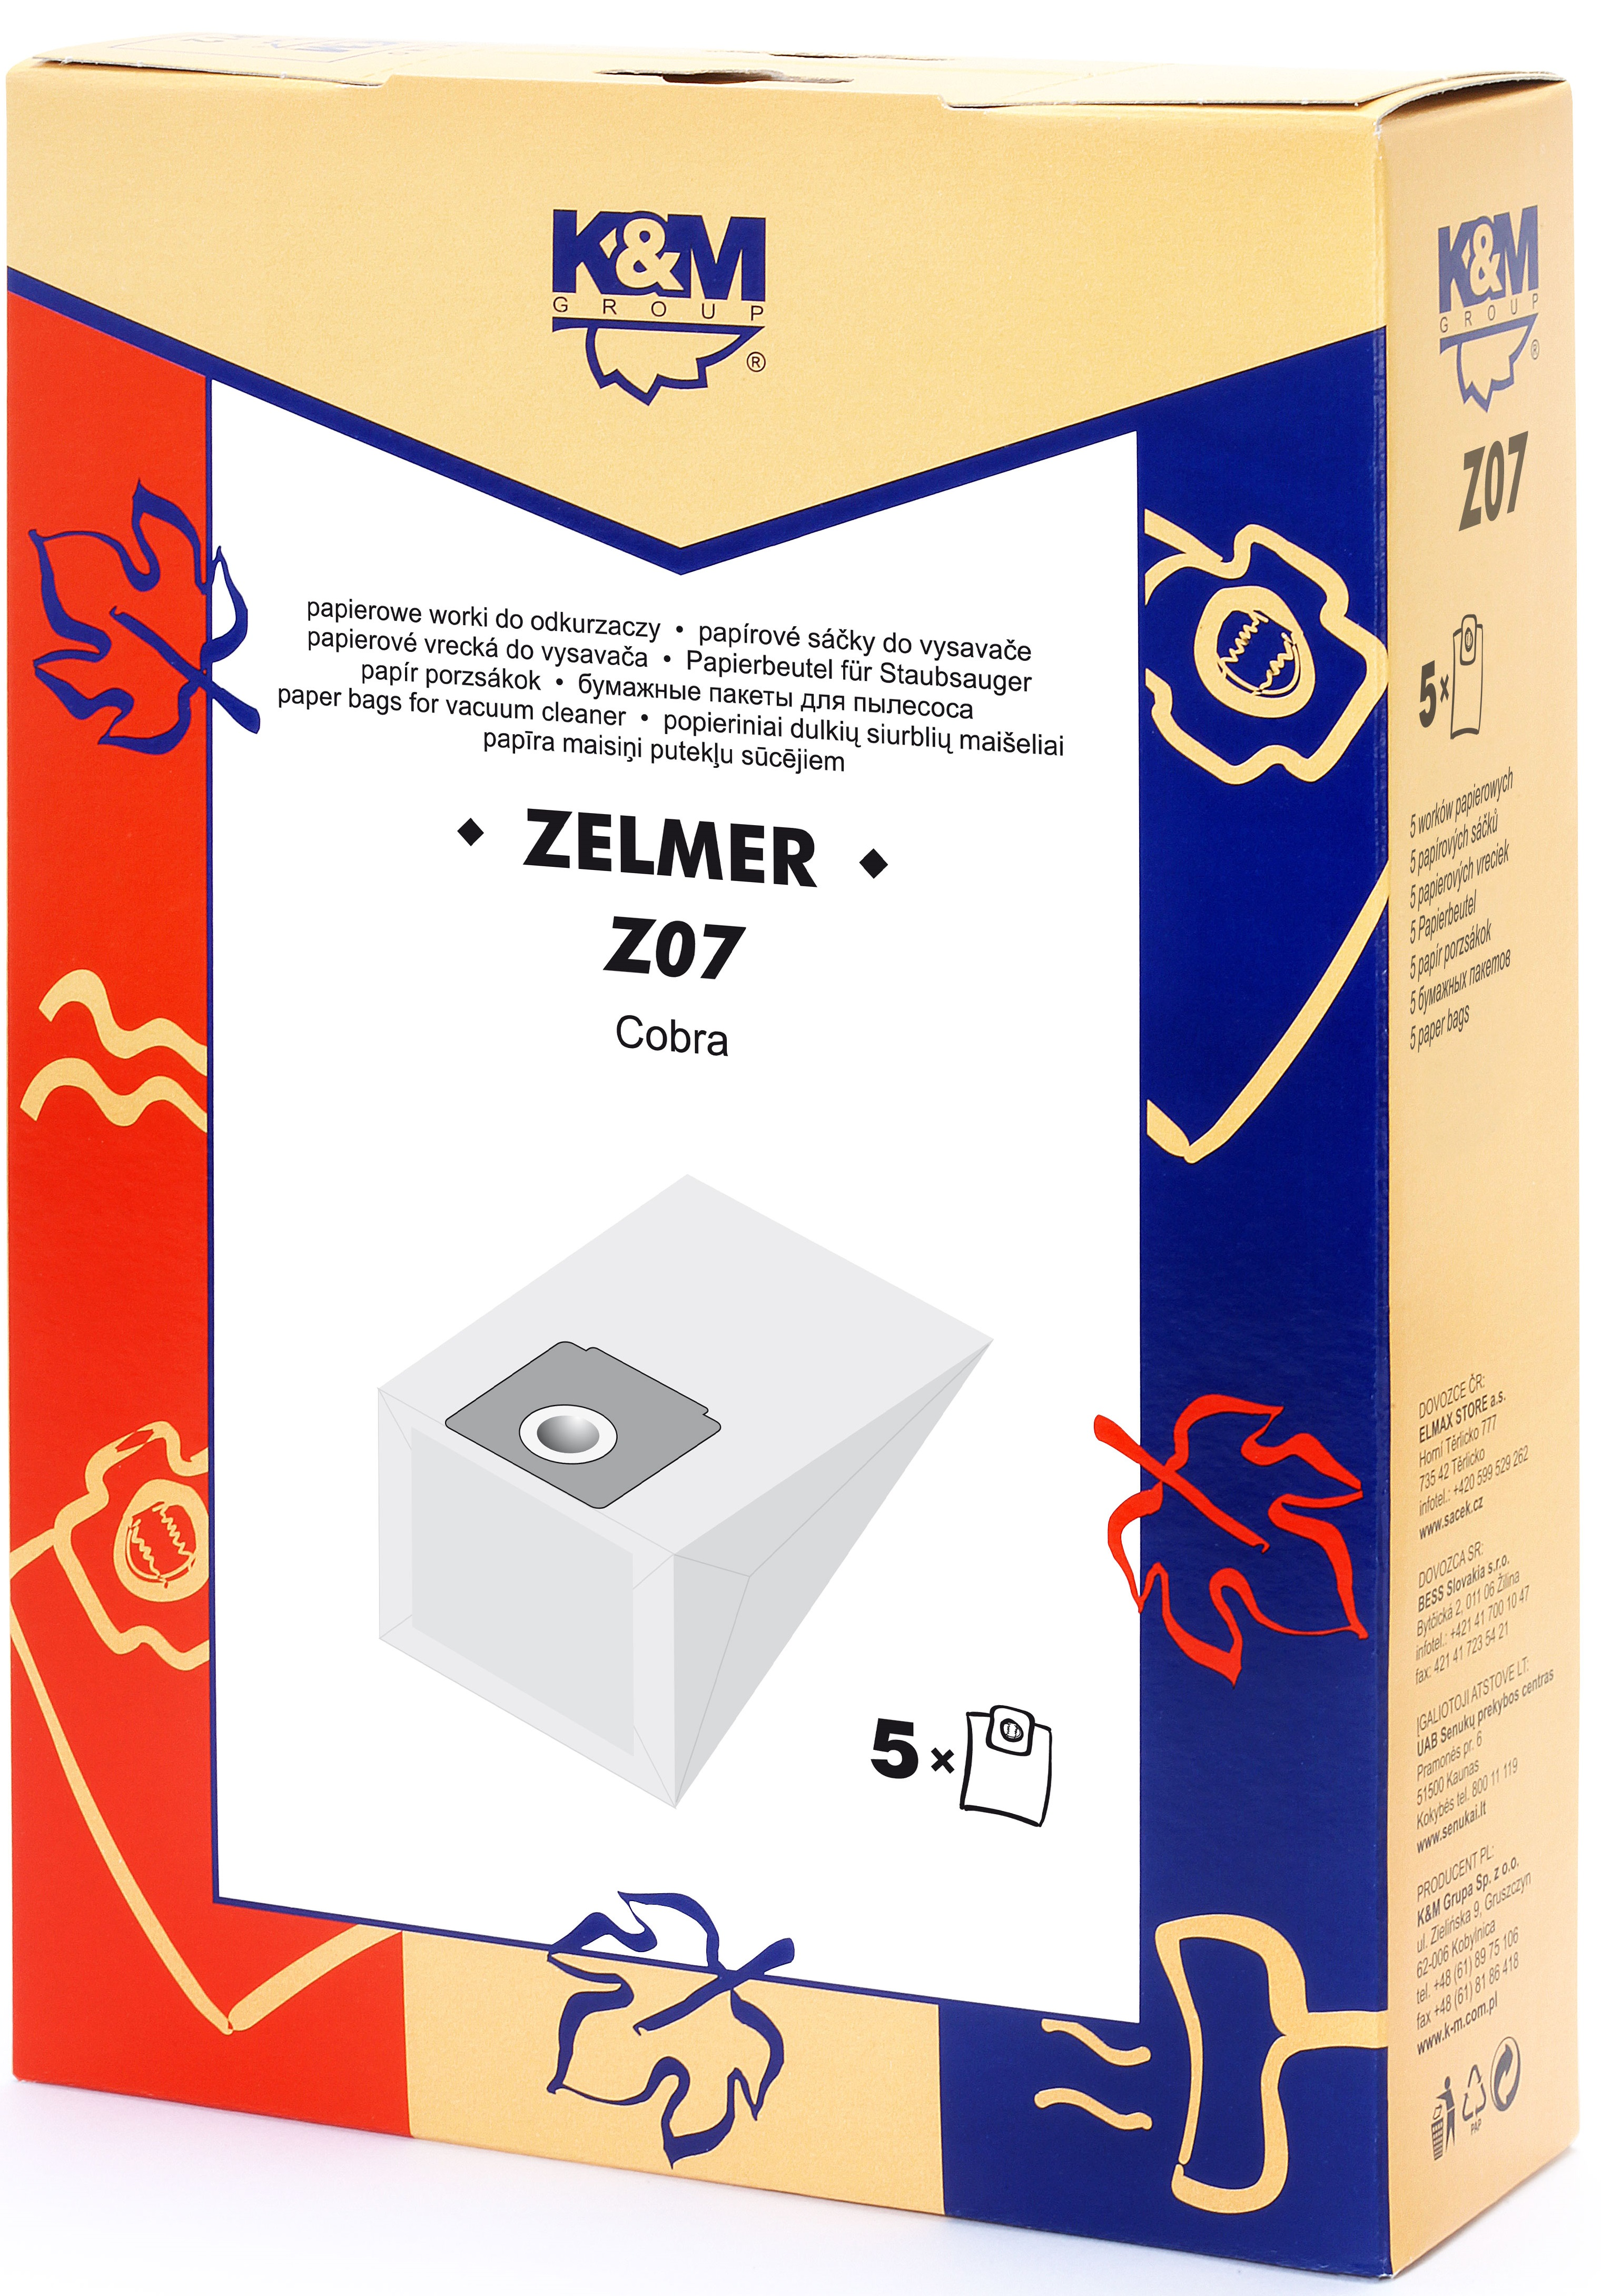 Sac aspirator Zelmer 2000, hartie, 5X saci, K&M 0